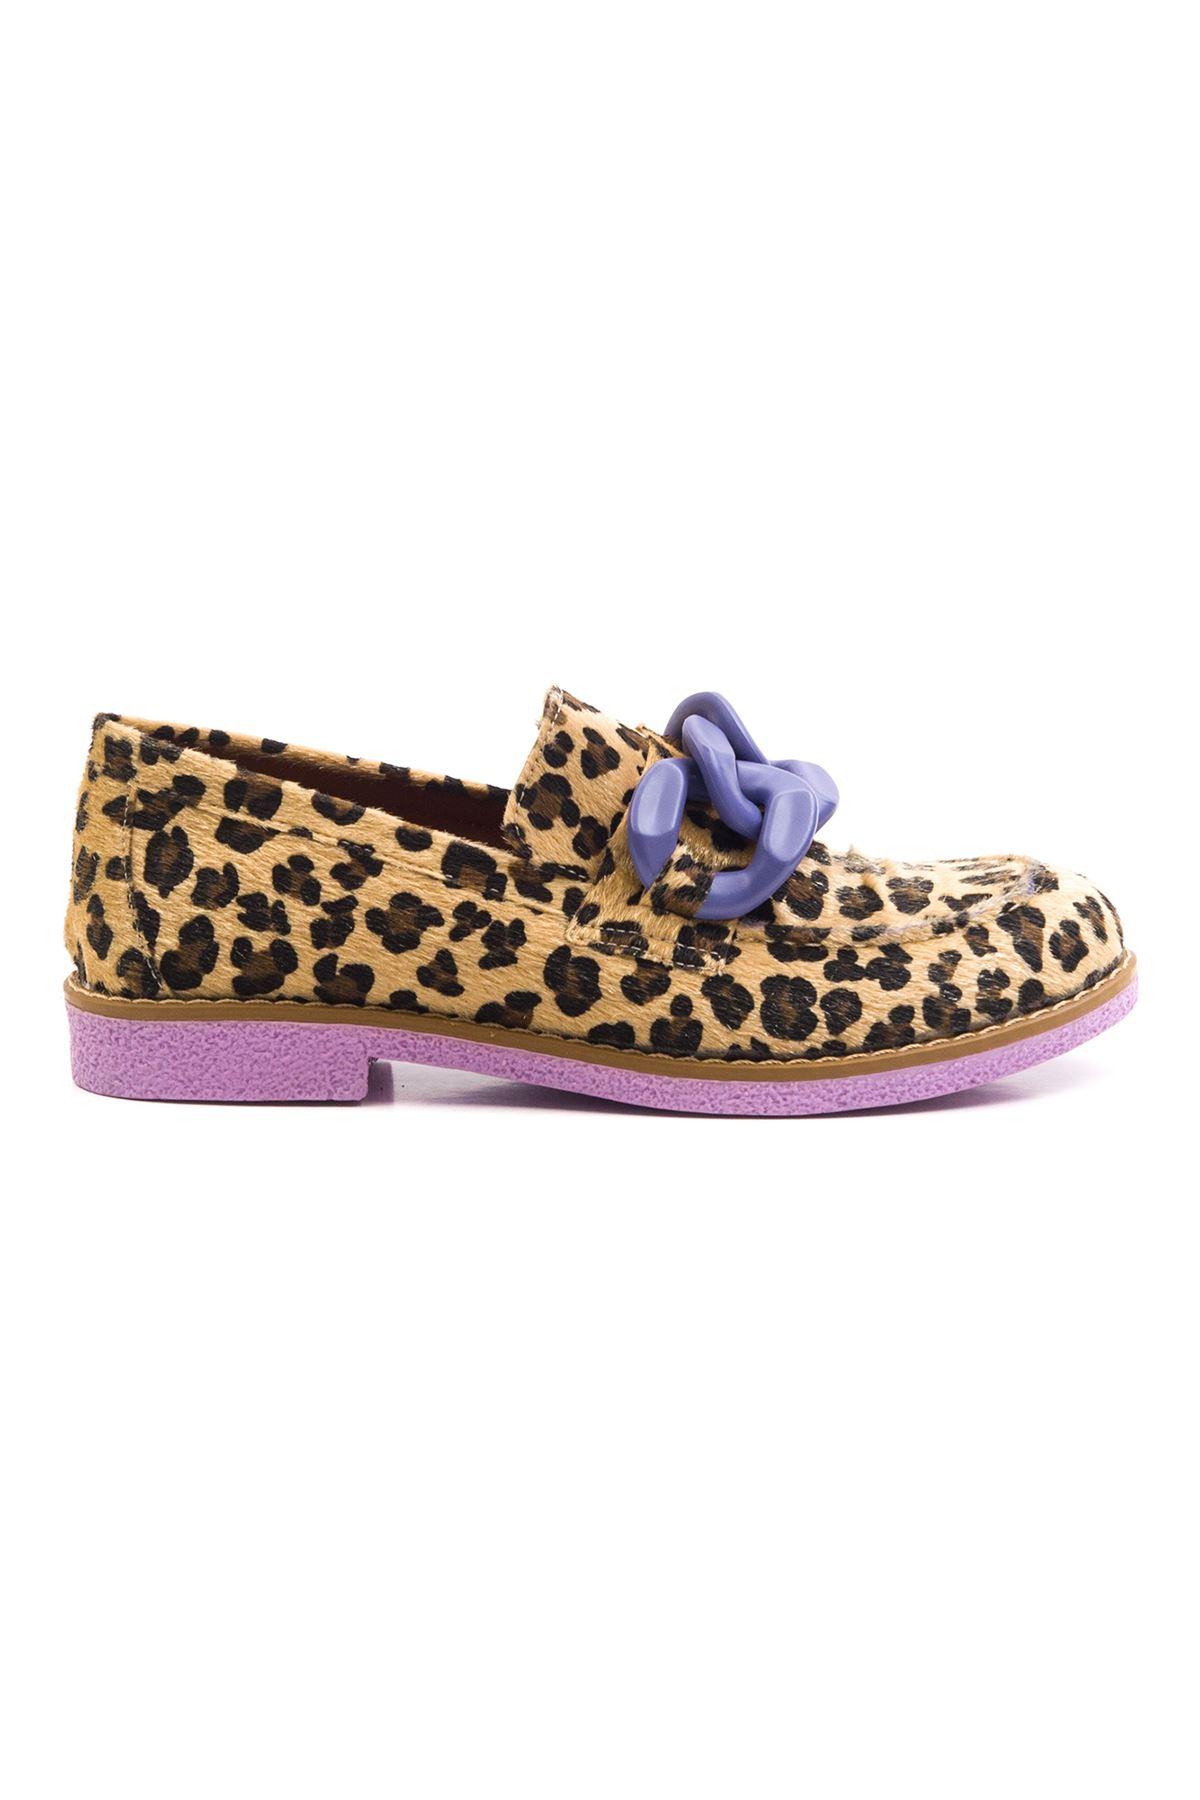 Violaces Kadın Ayakkabı Leopar Lila Taban